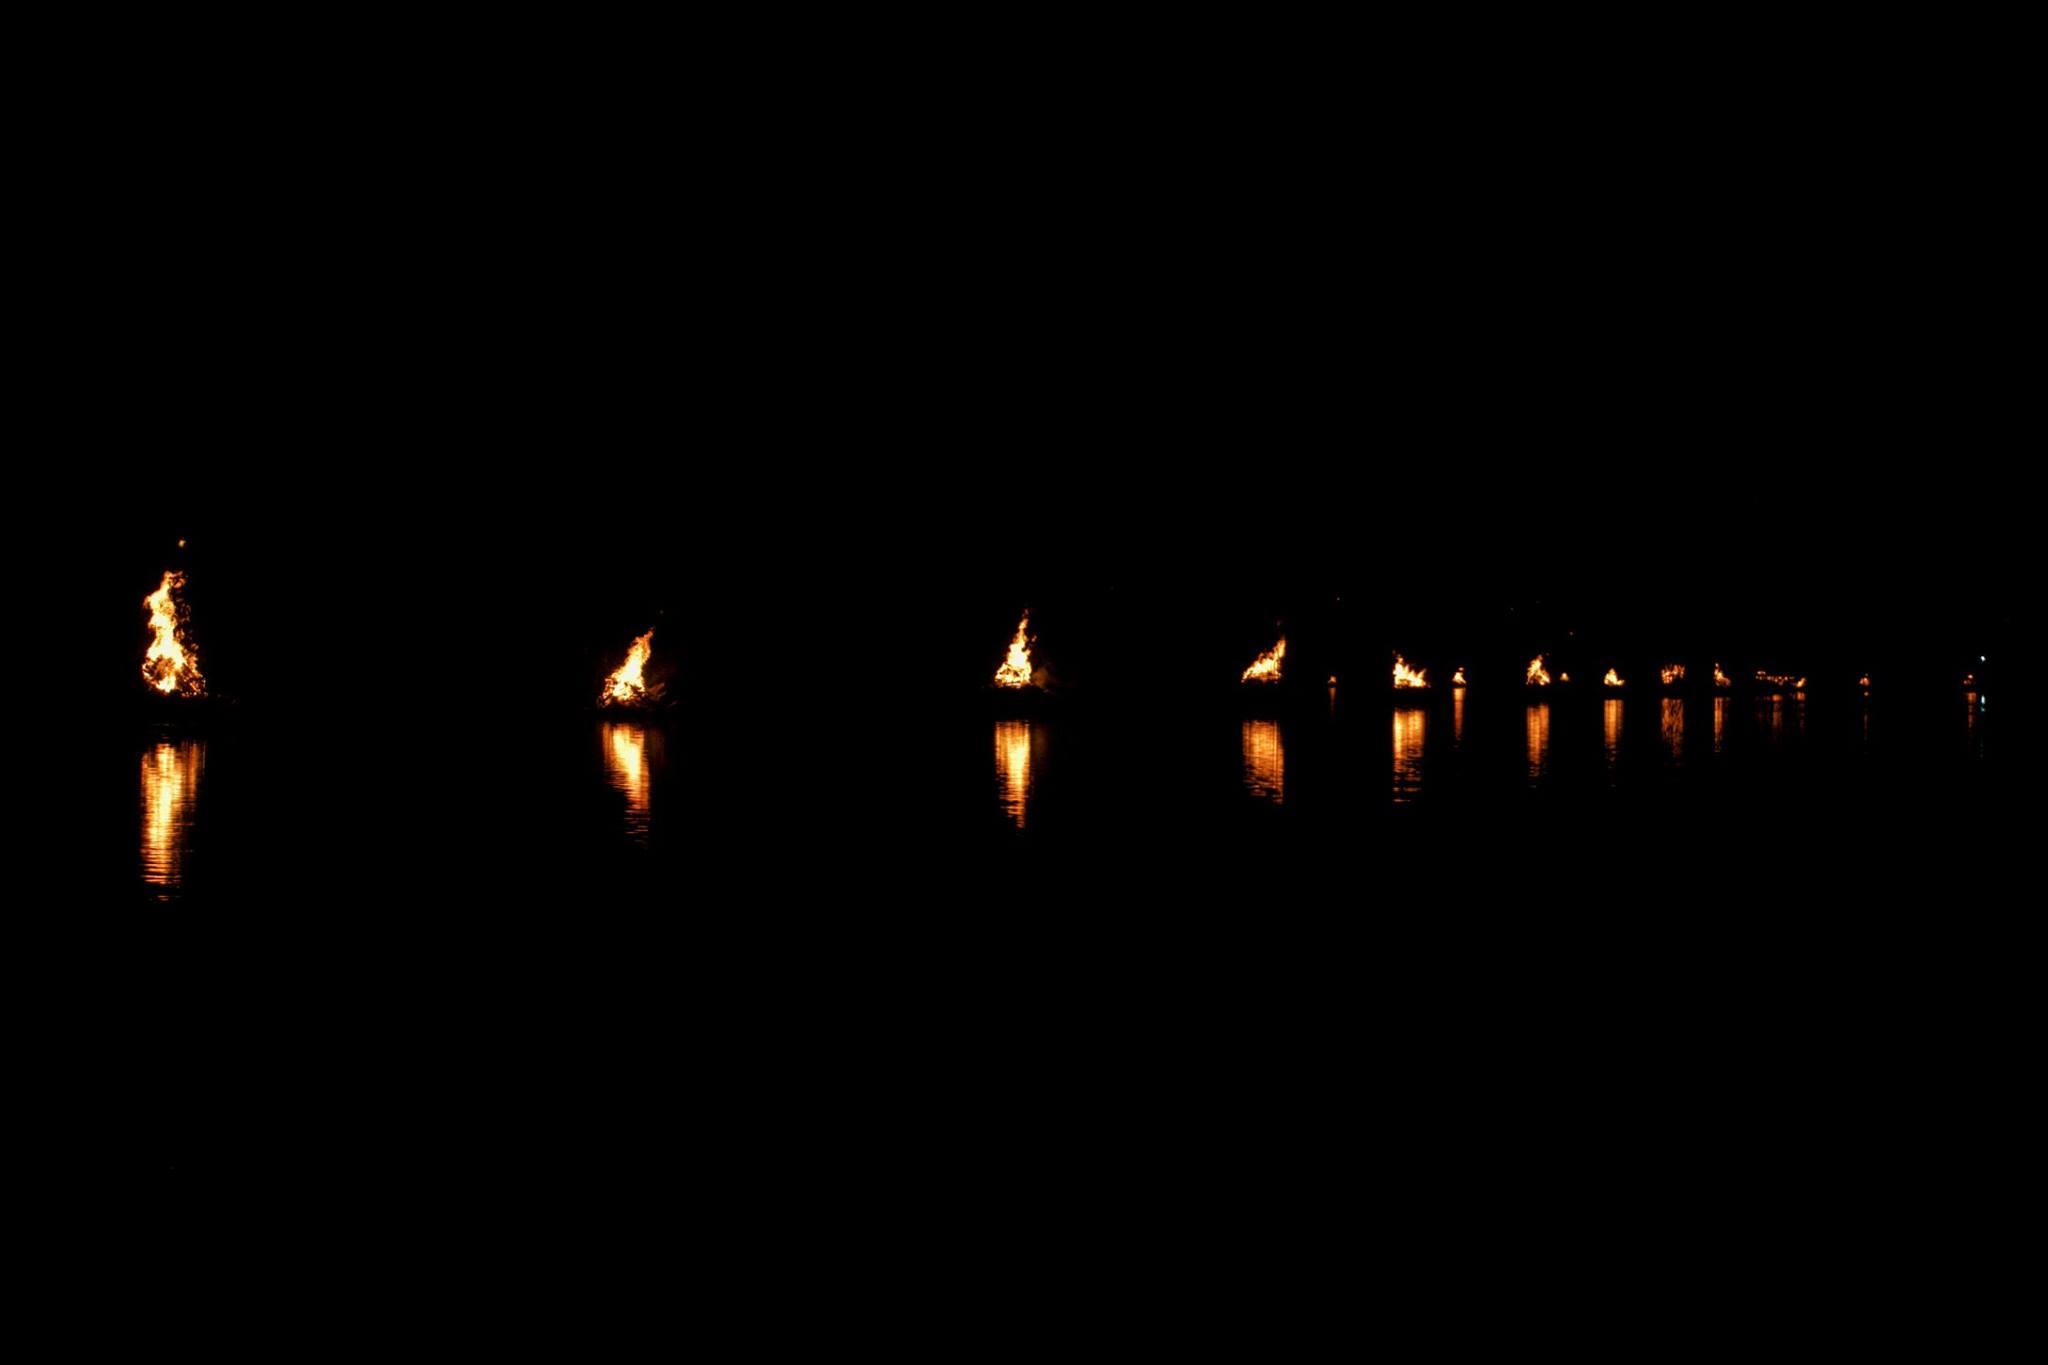 2017 RiverFire Boom Piers on Fire